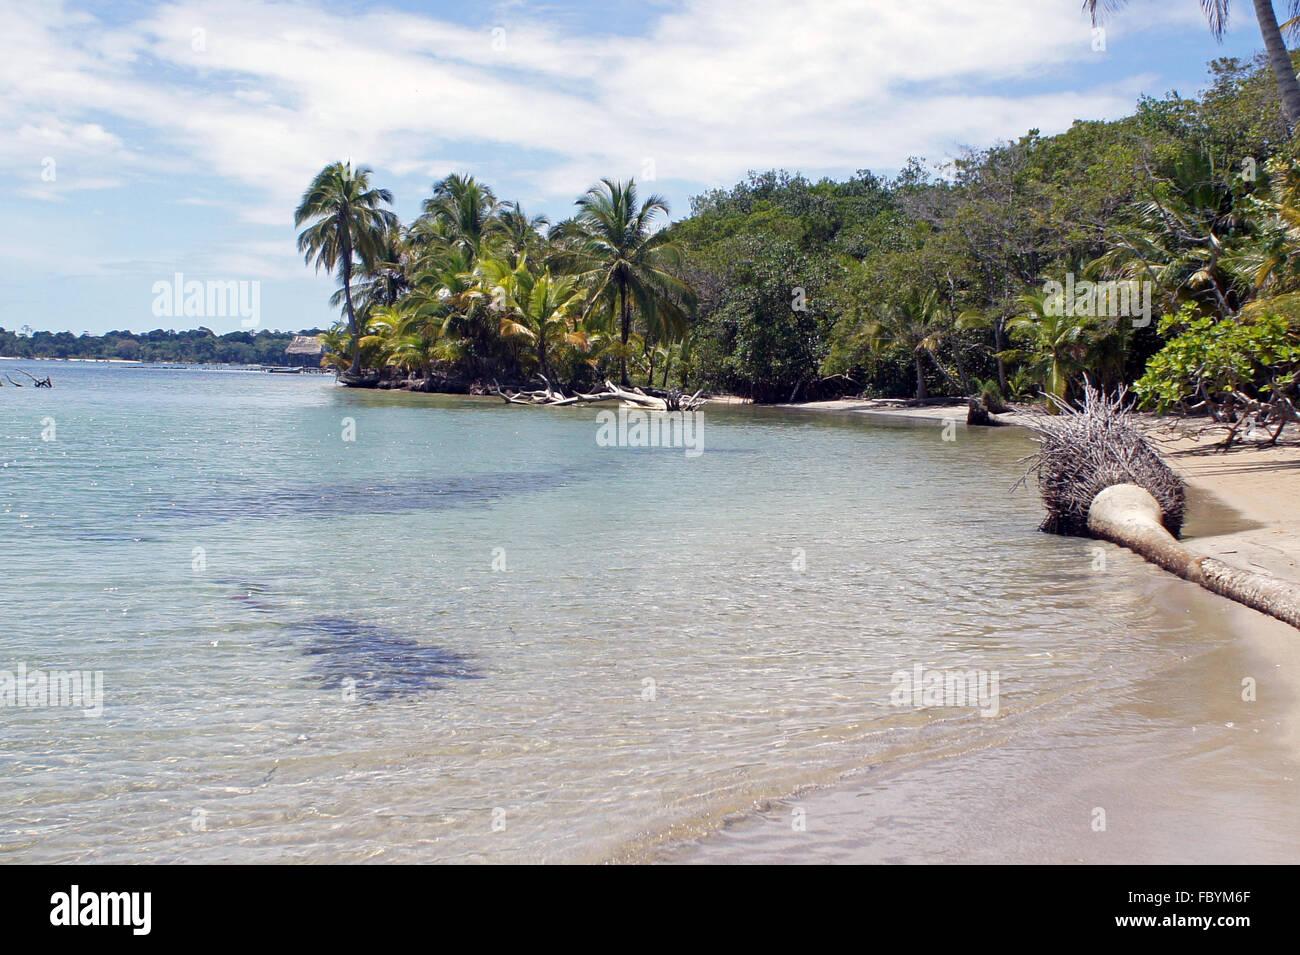 Karibik-Strand Stockbild